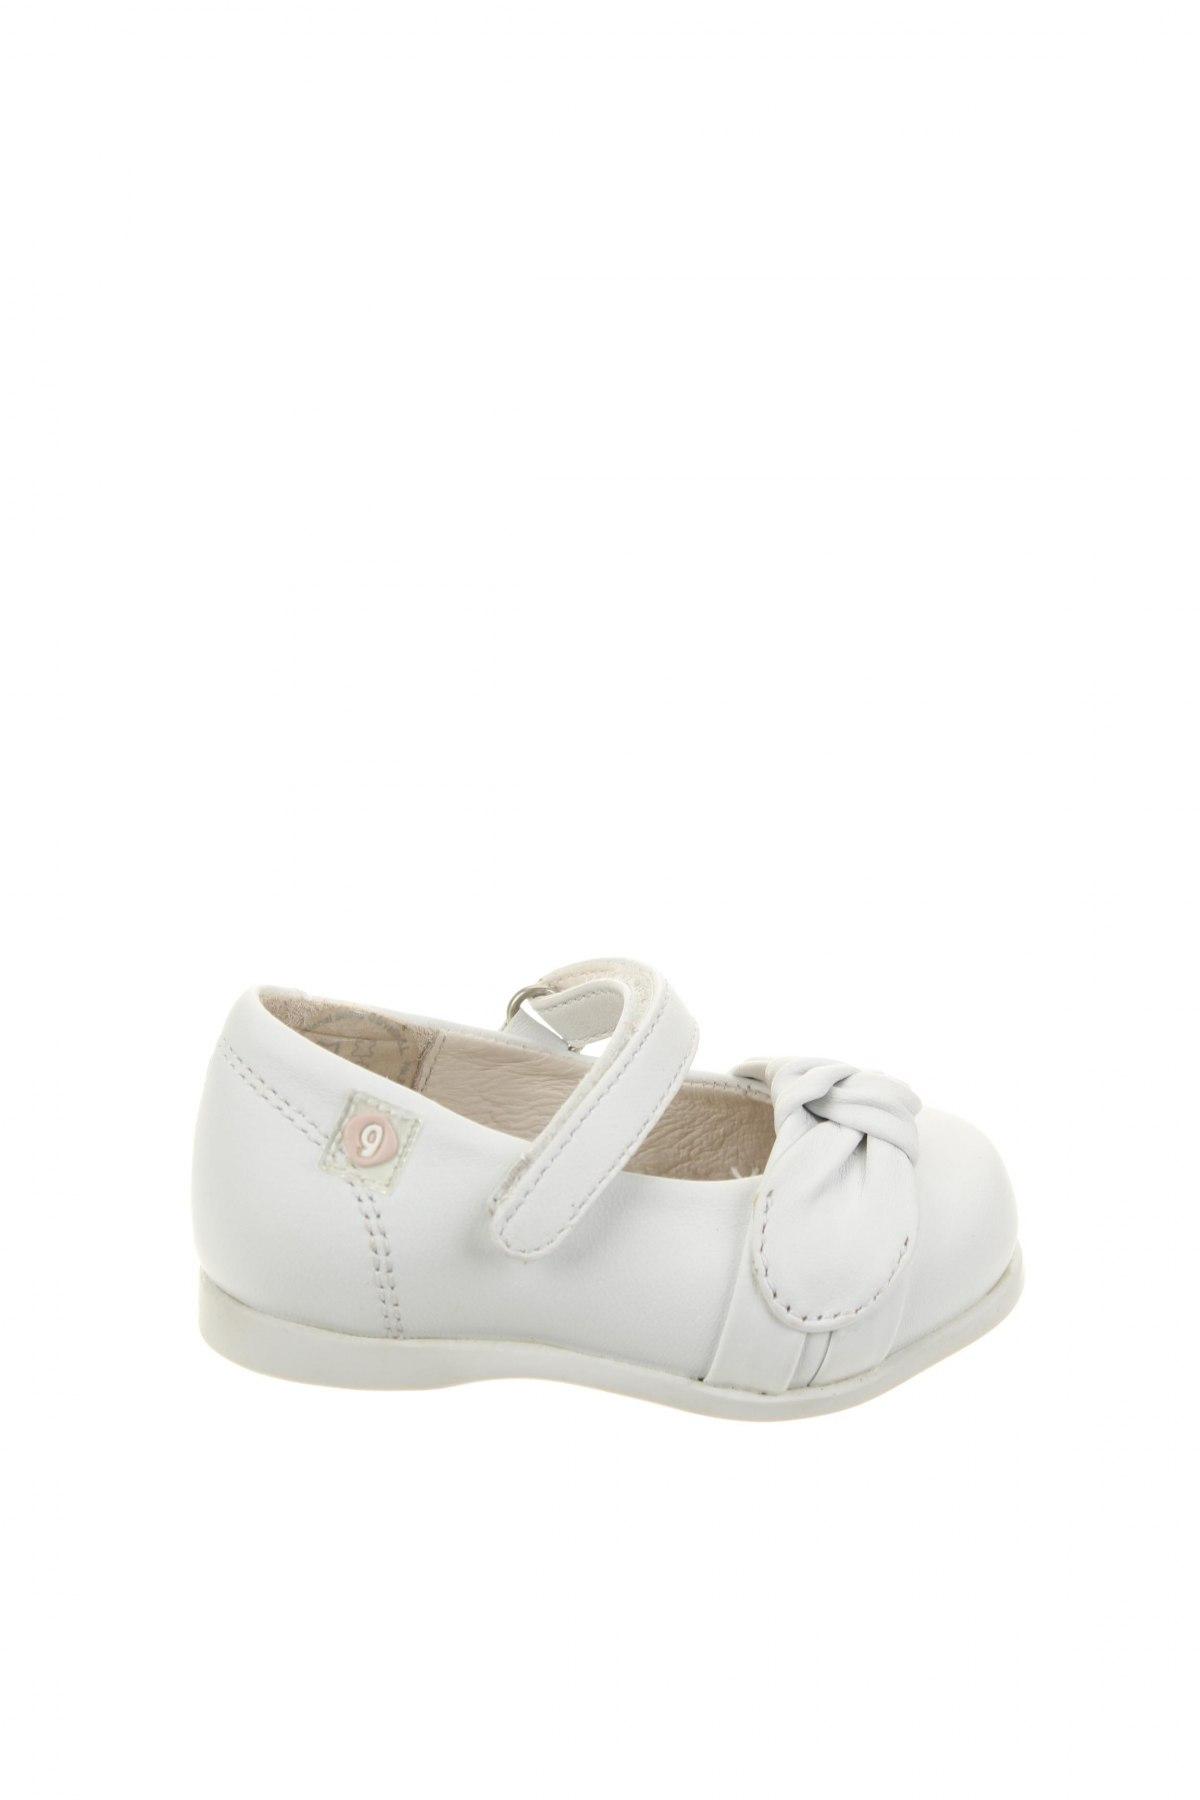 Παιδικά παπούτσια Garvalin - σε συμφέρουσα τιμή στο Remix -  102883505 dd937a02ac4